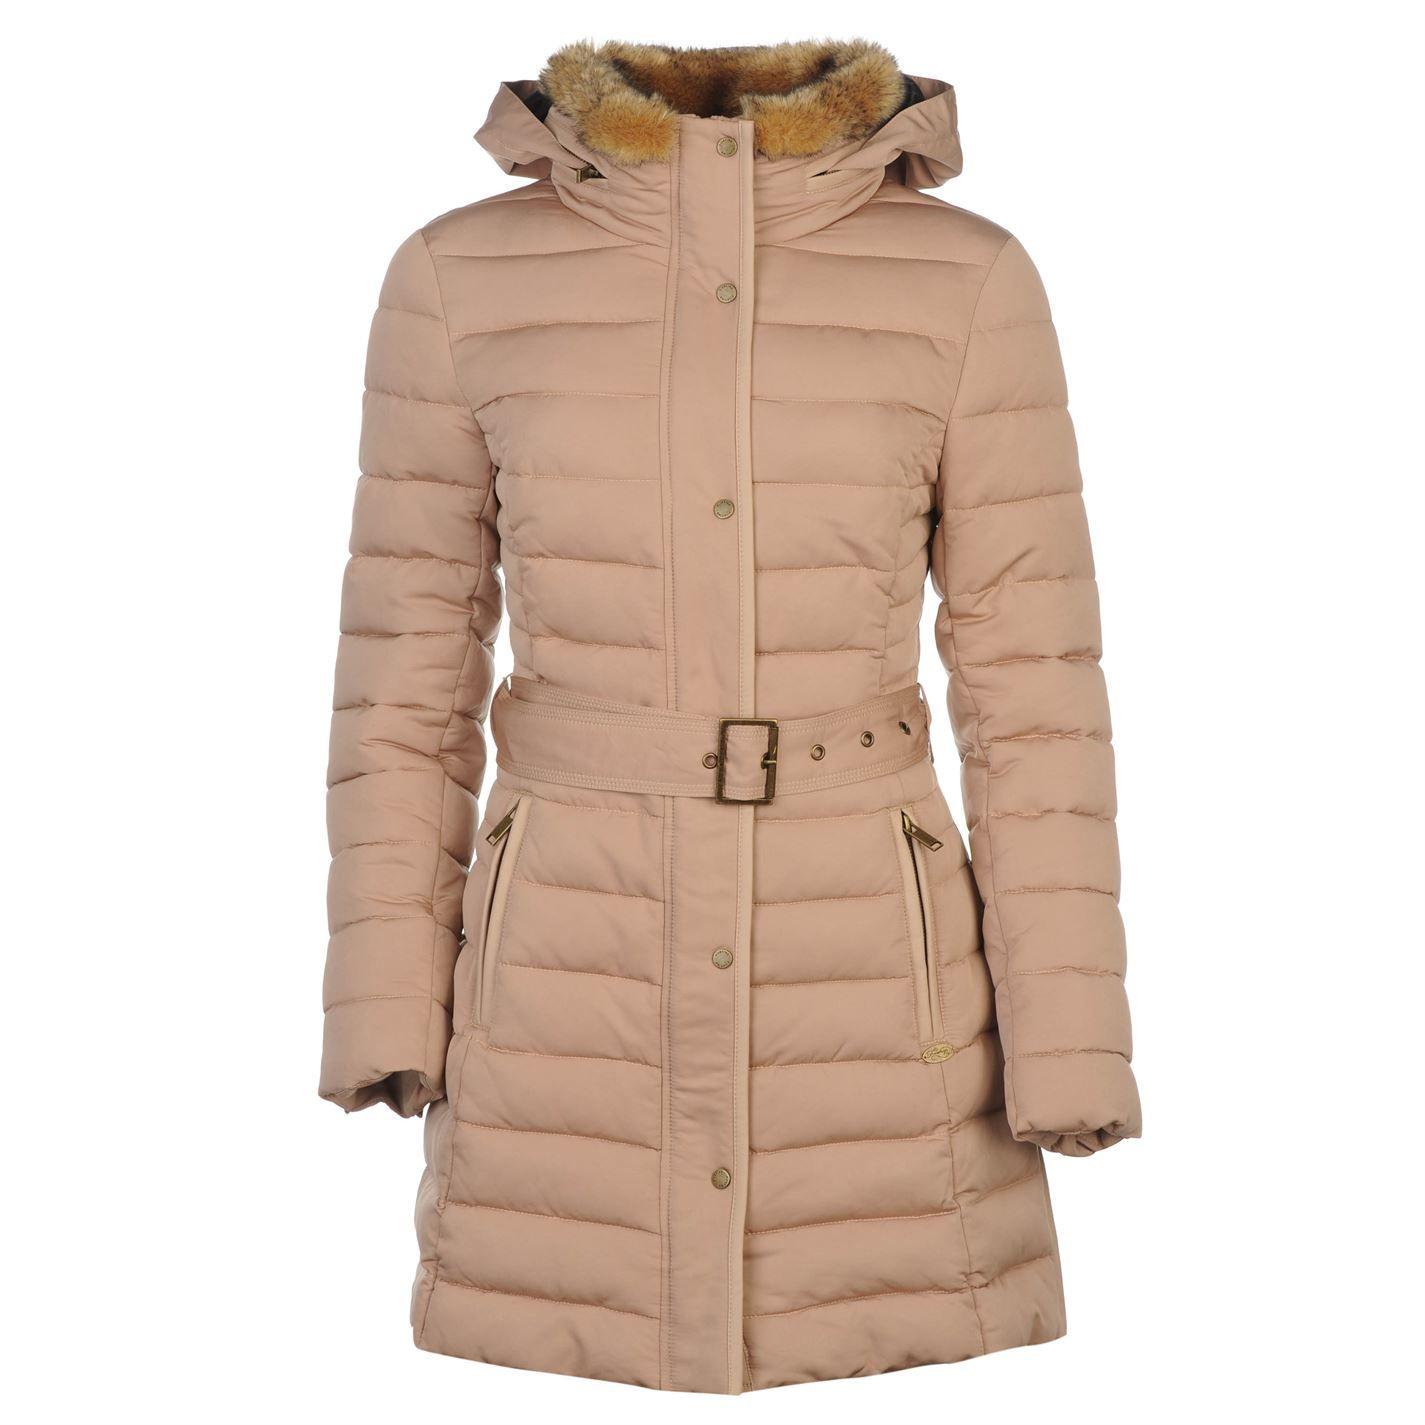 Firetrap | Firetrap Luxury Bubble Jacket Ladies | Ladies Jacket